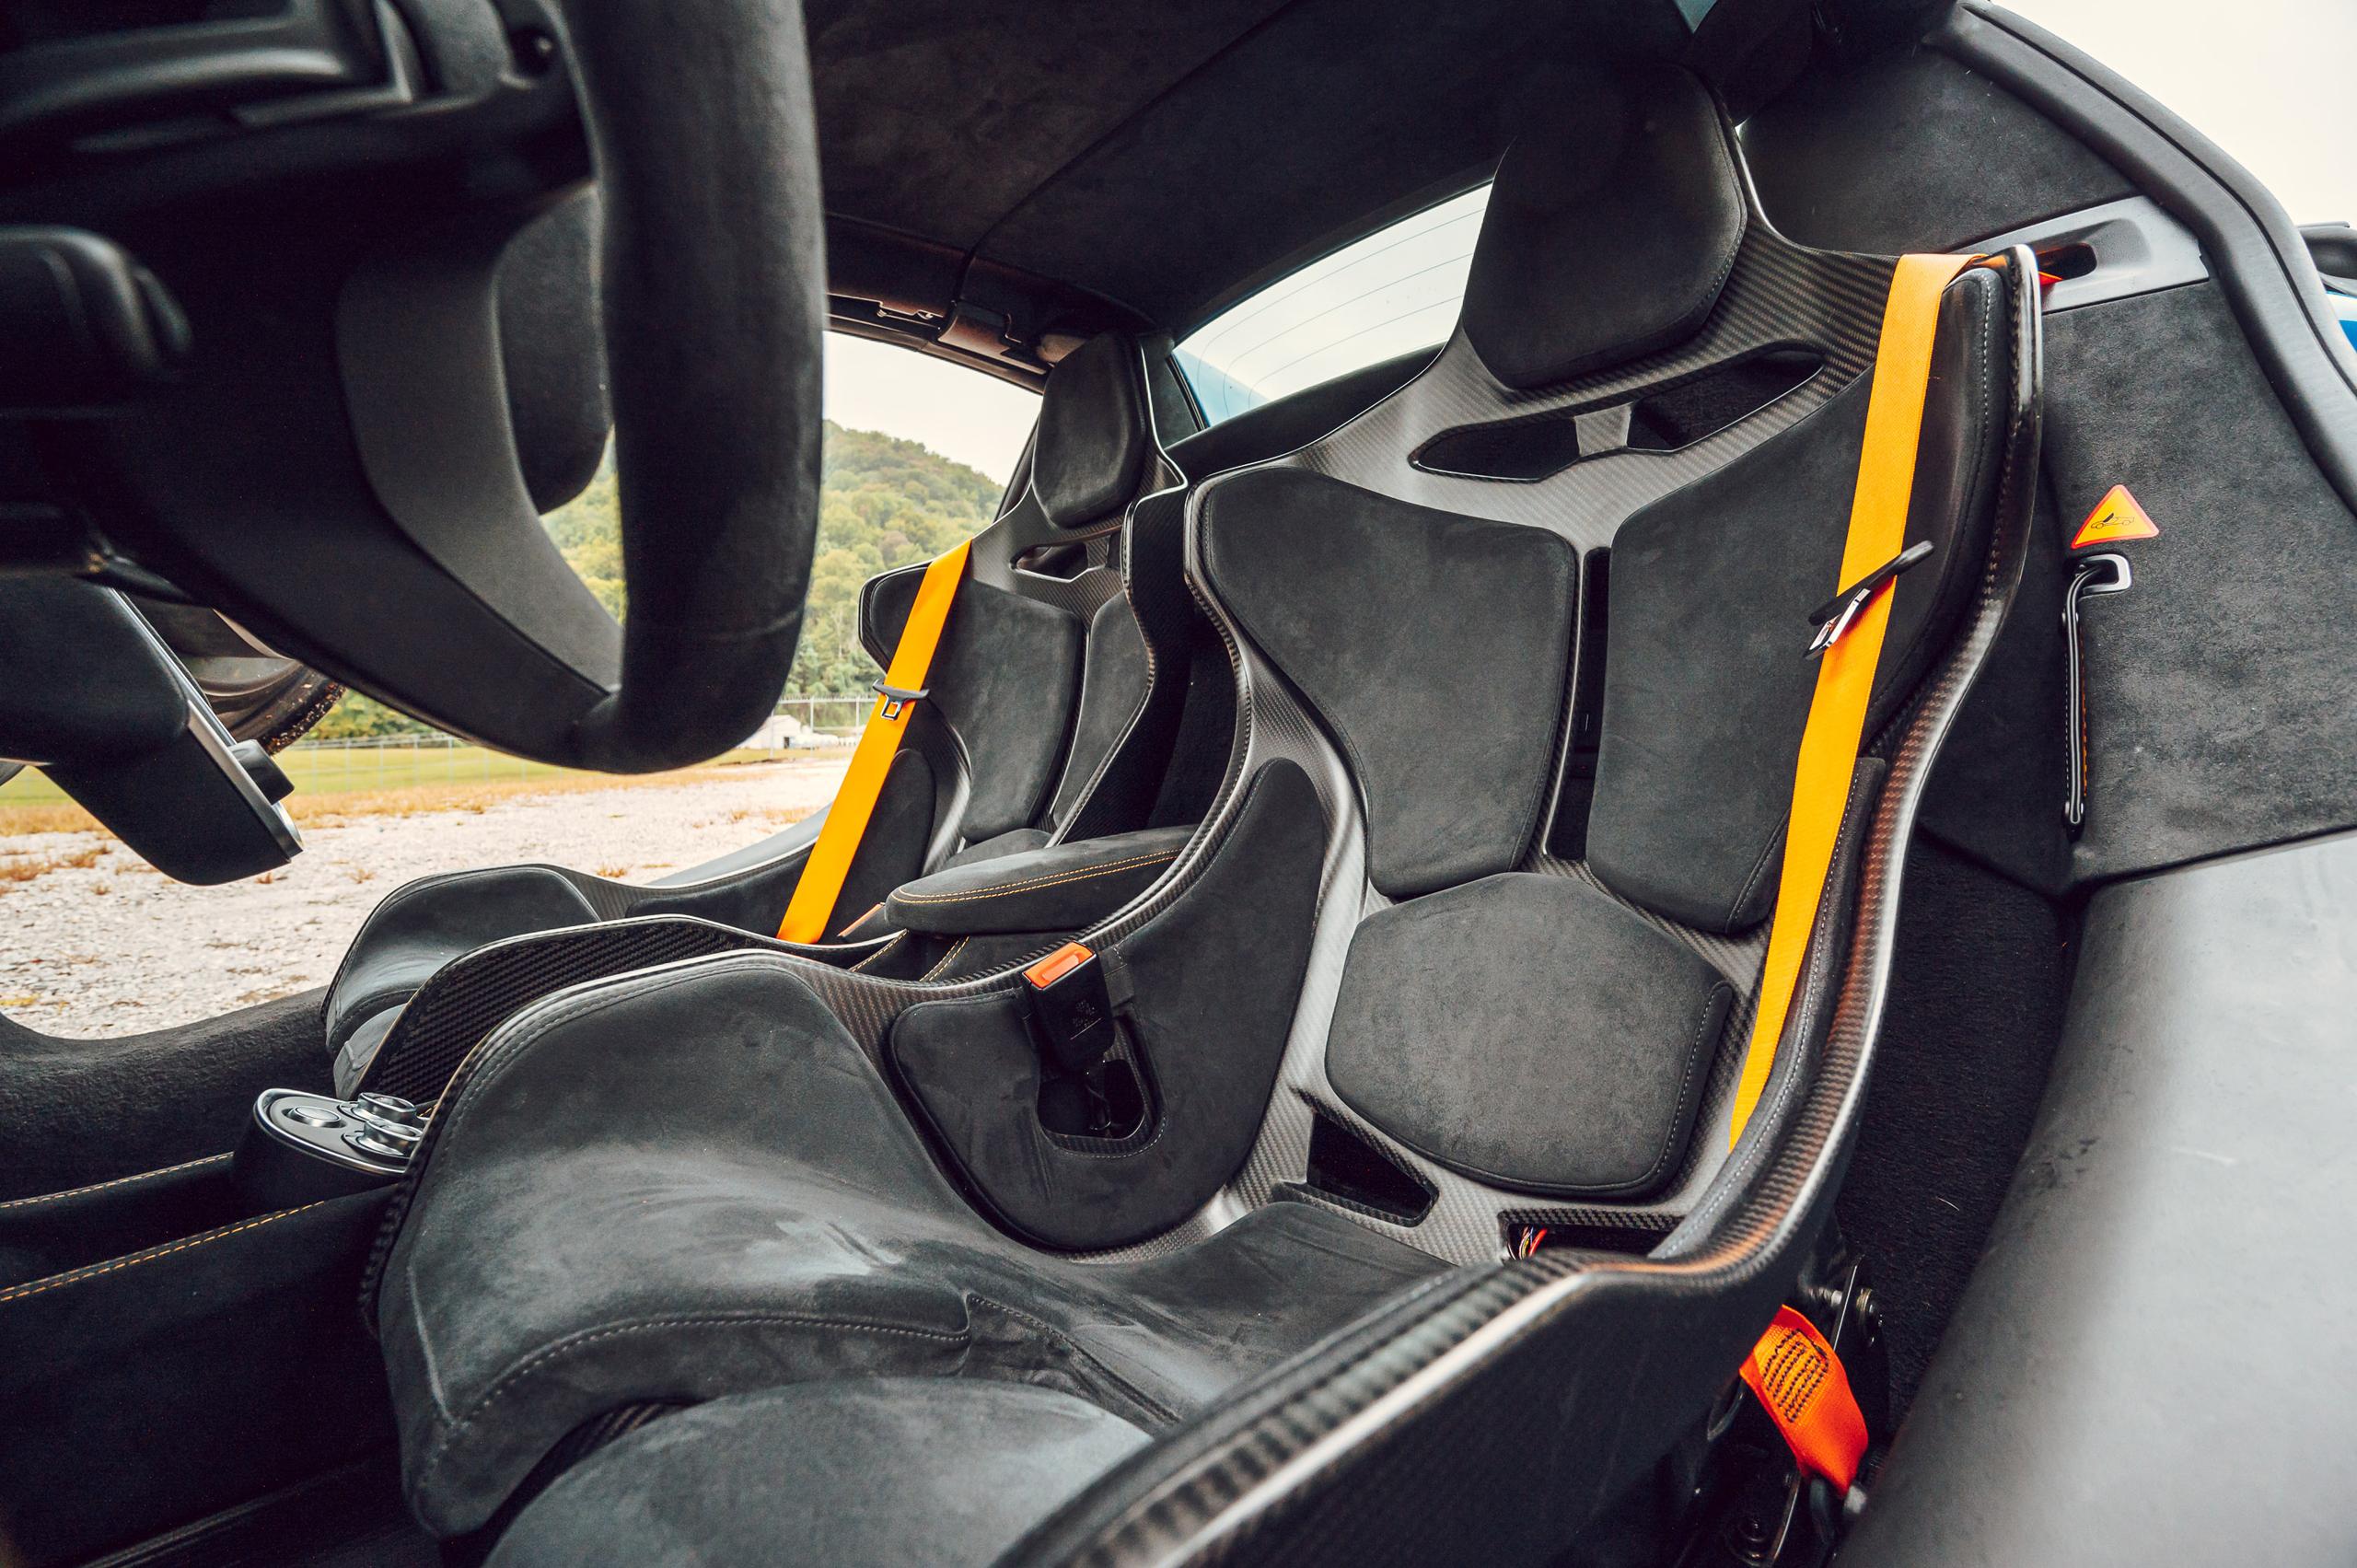 McLaren 675LT seats